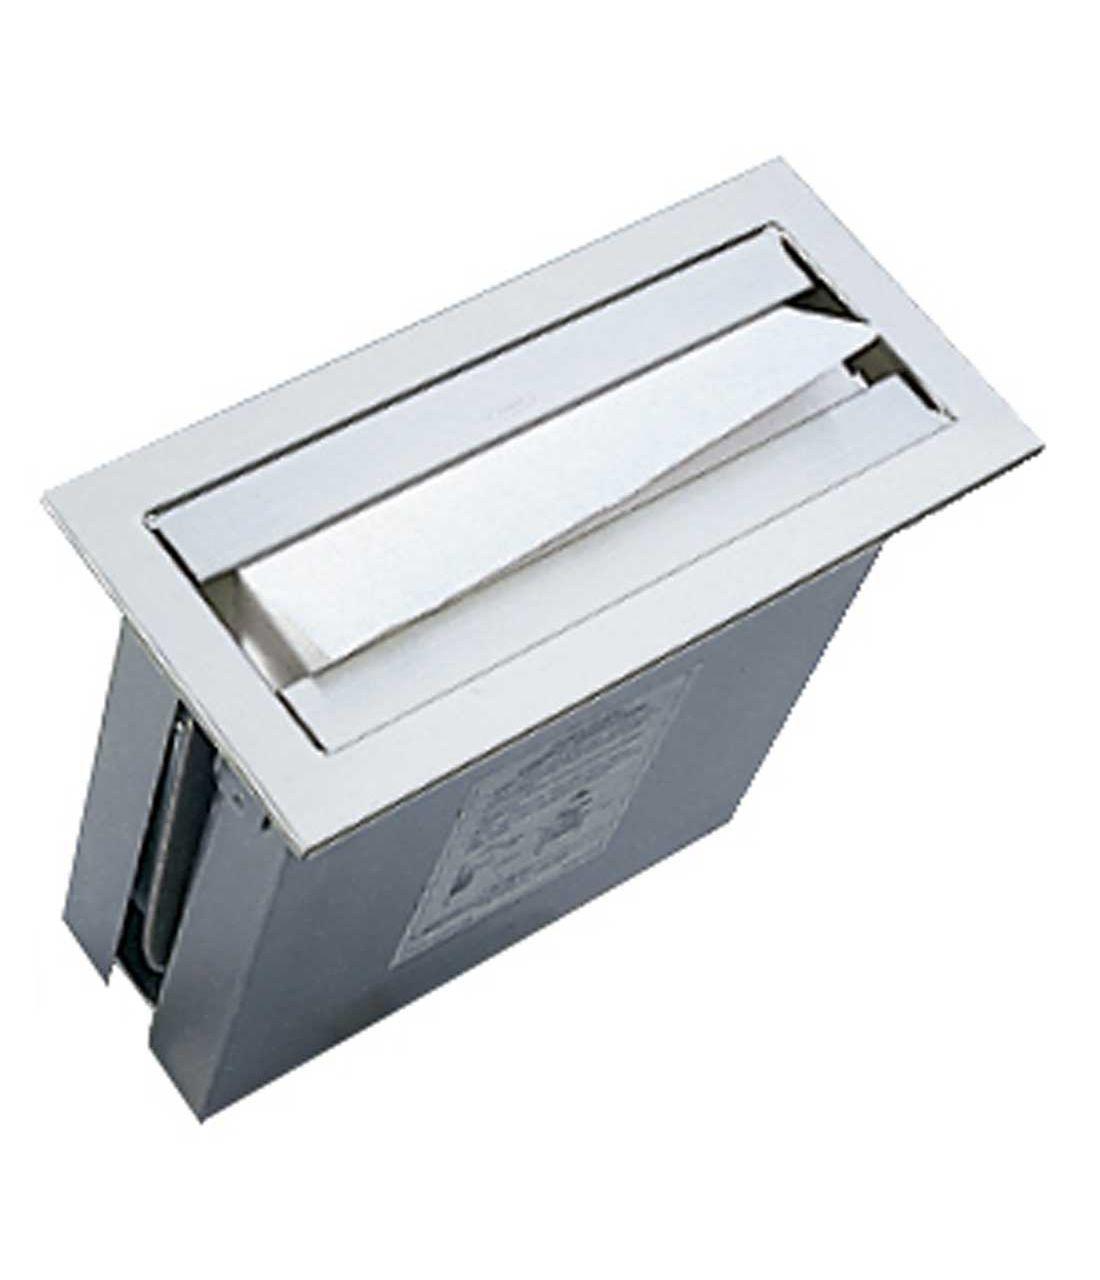 Countertop Mounted Paper Towel Dispenser Towel Dispenser Paper